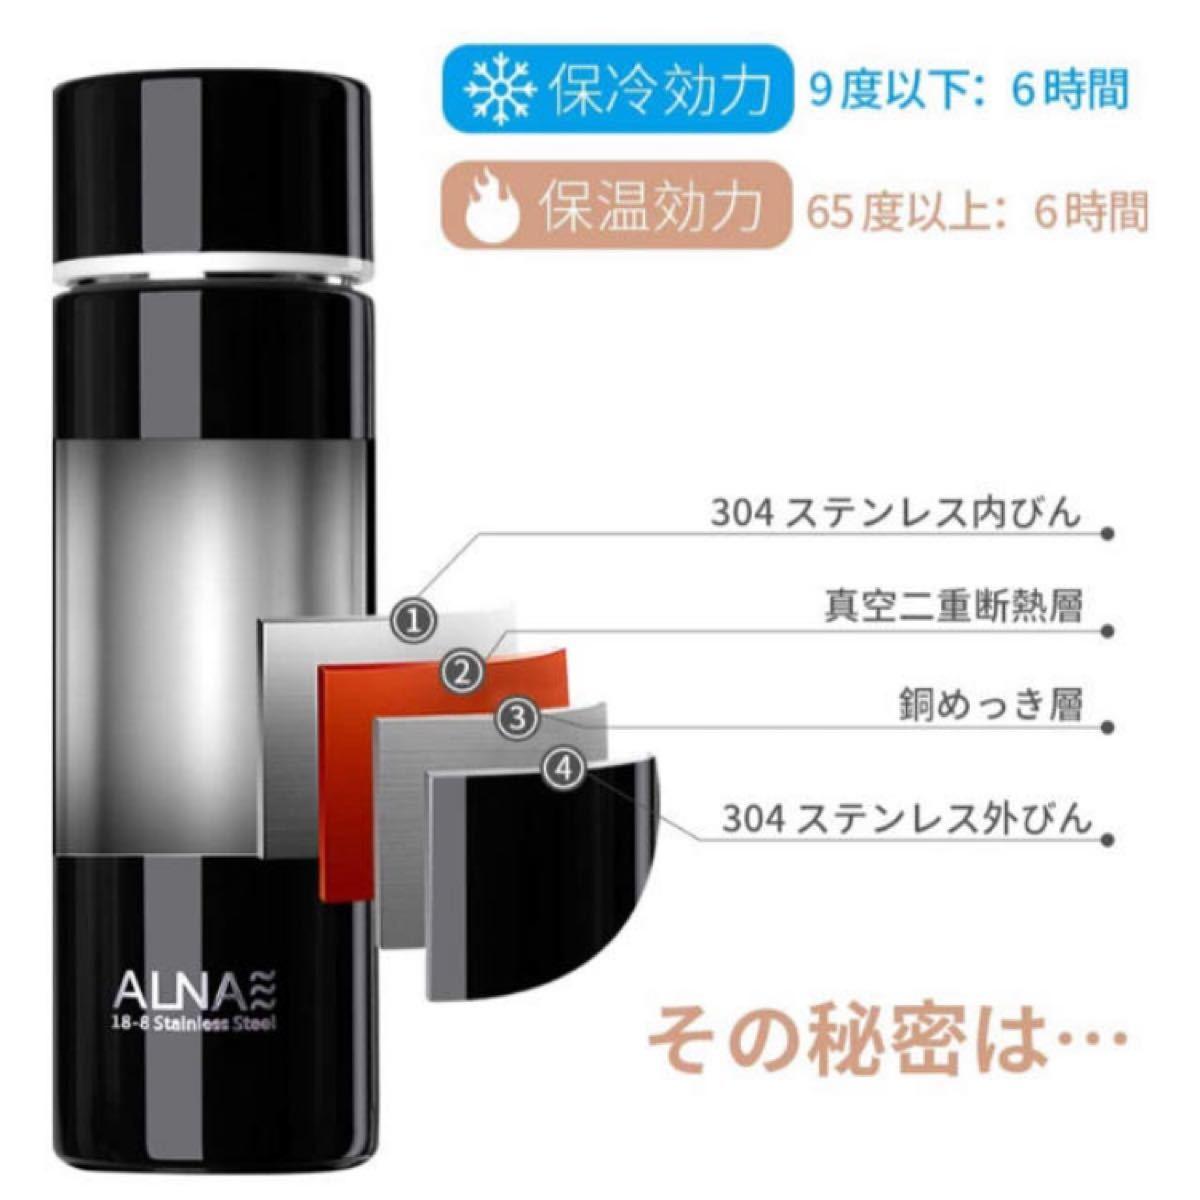 水筒 ミニ ポケトル ボトル ステンレス マグボトル 140ml 二重構造